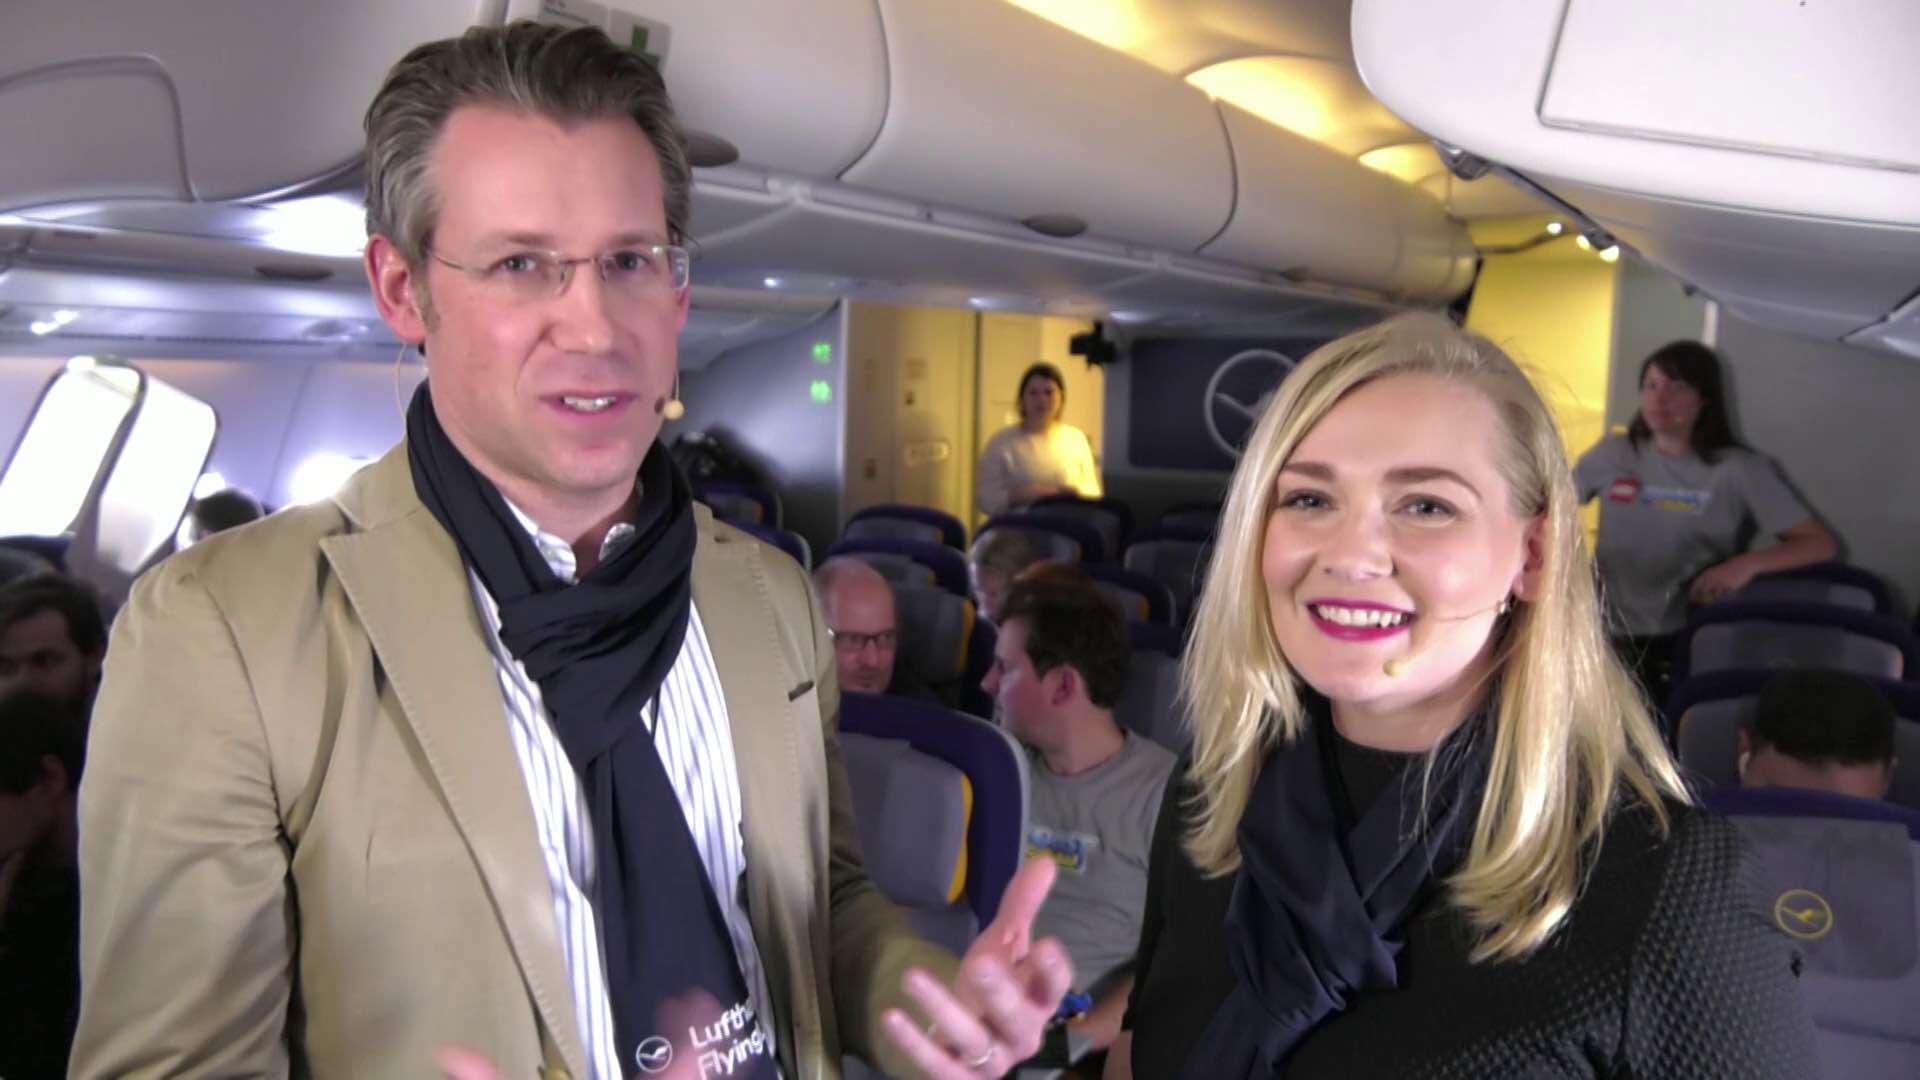 Zwei Menschen führen in einem Flugzeug ein Interview